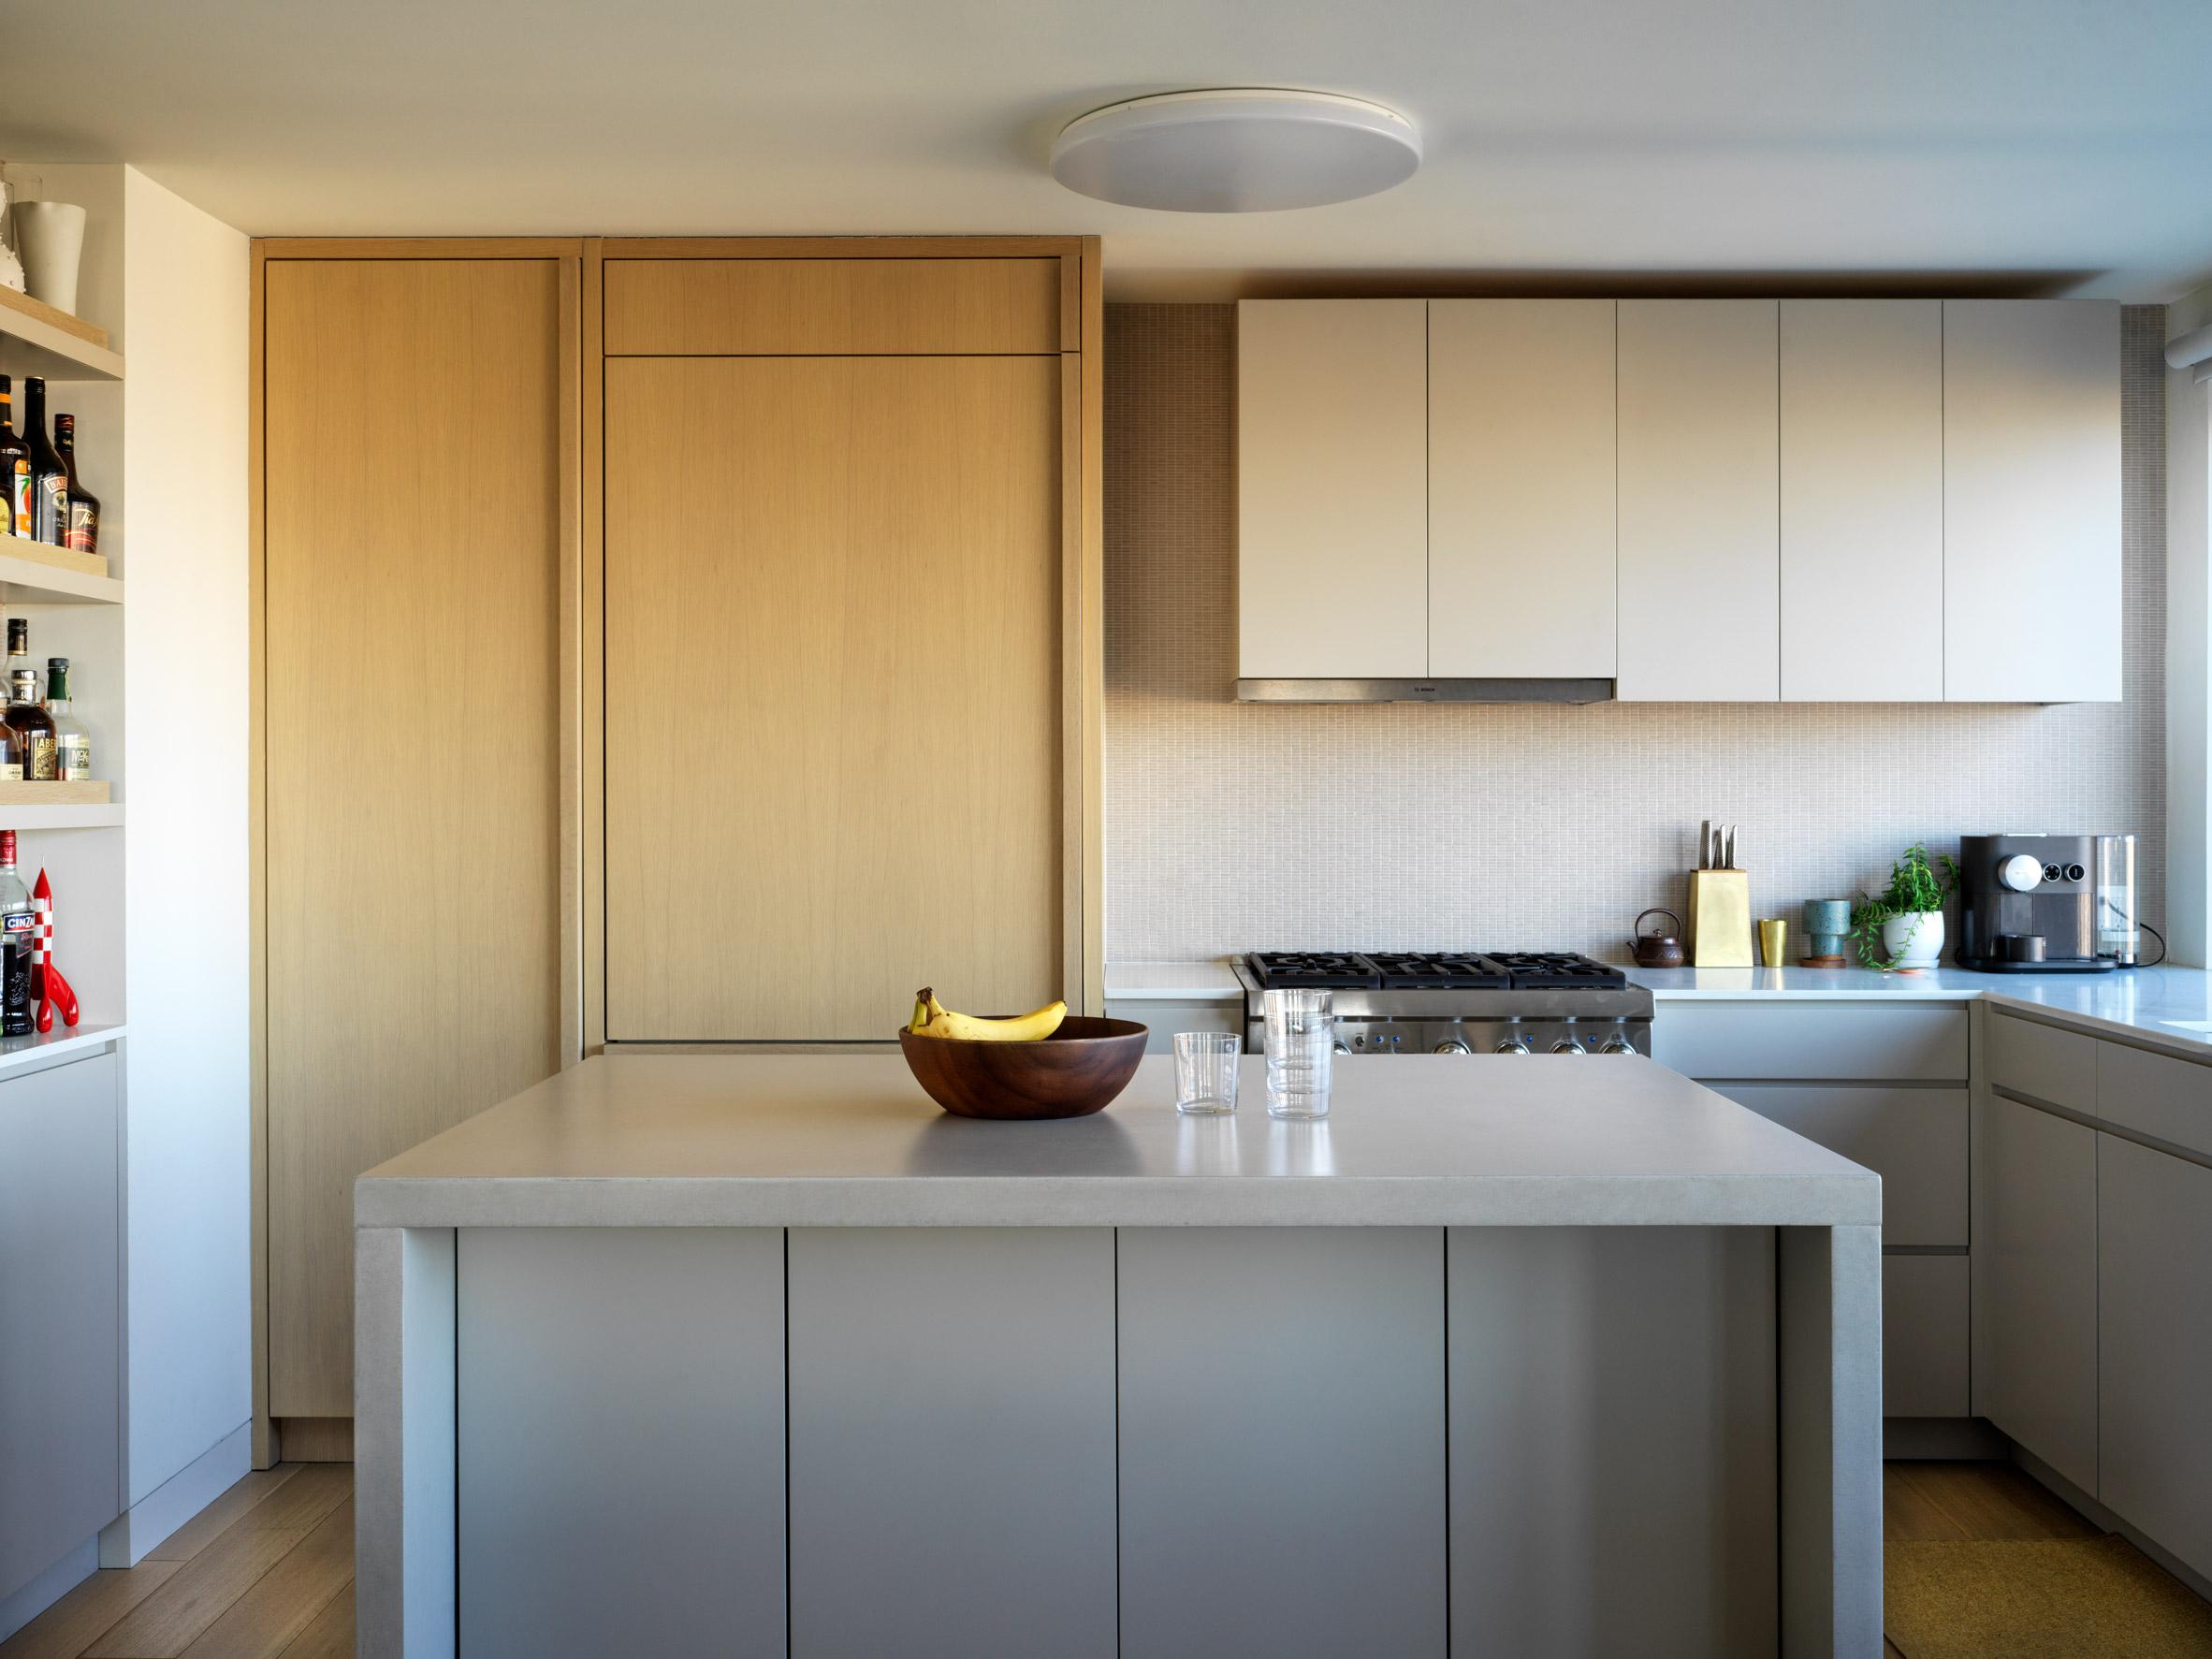 Thiết kế nội thất chung cư 105m2 1